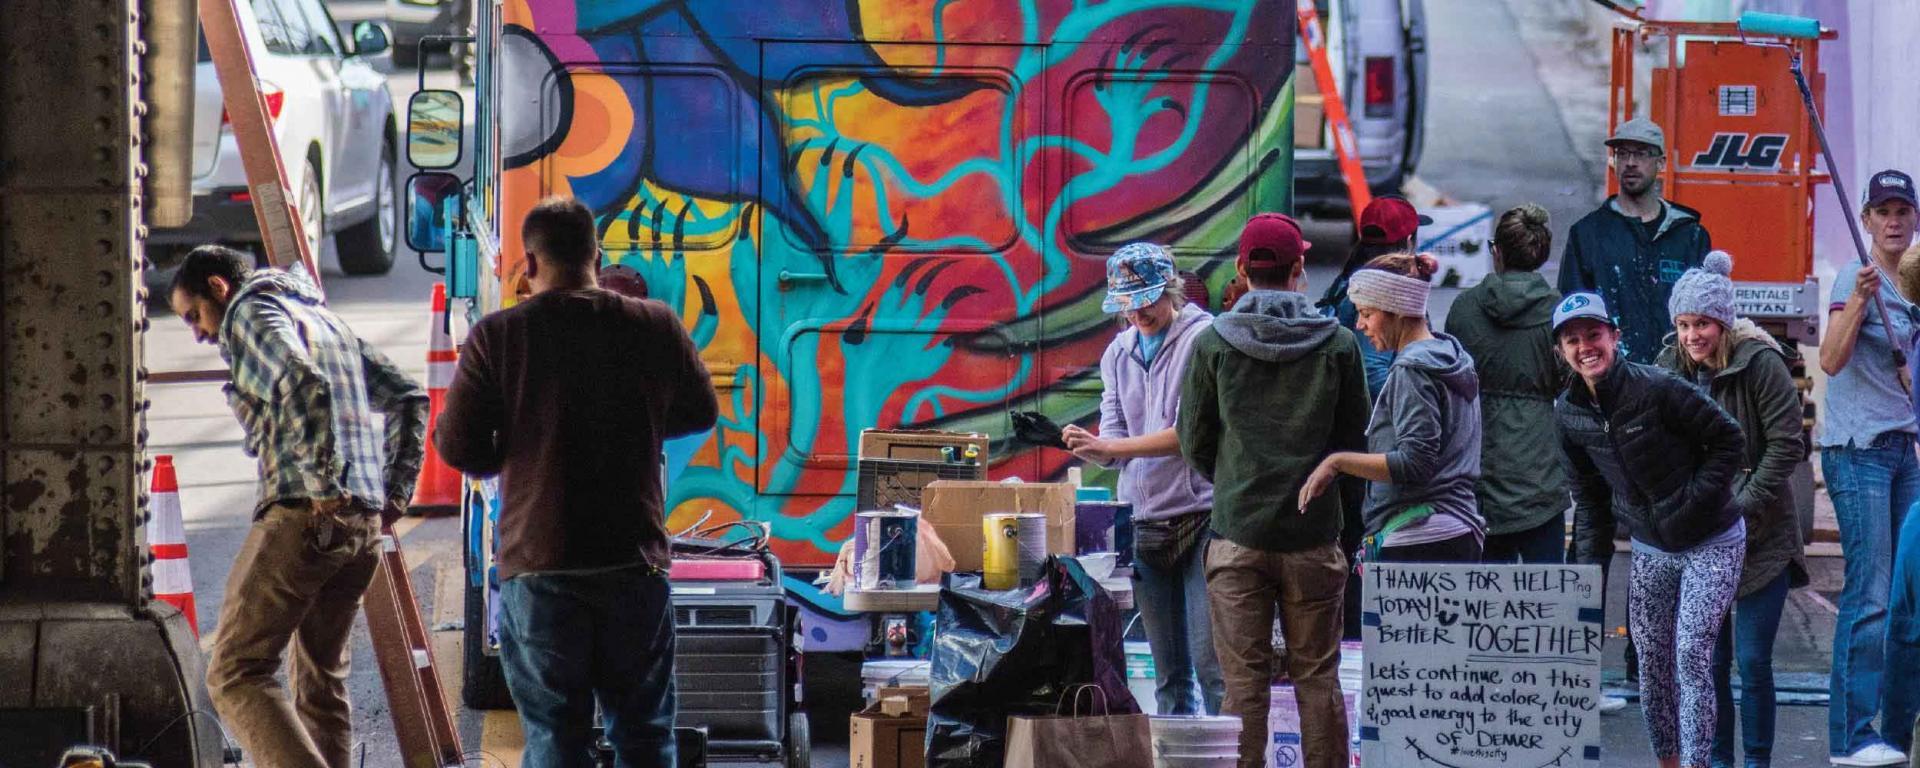 Volunteers painting a bus